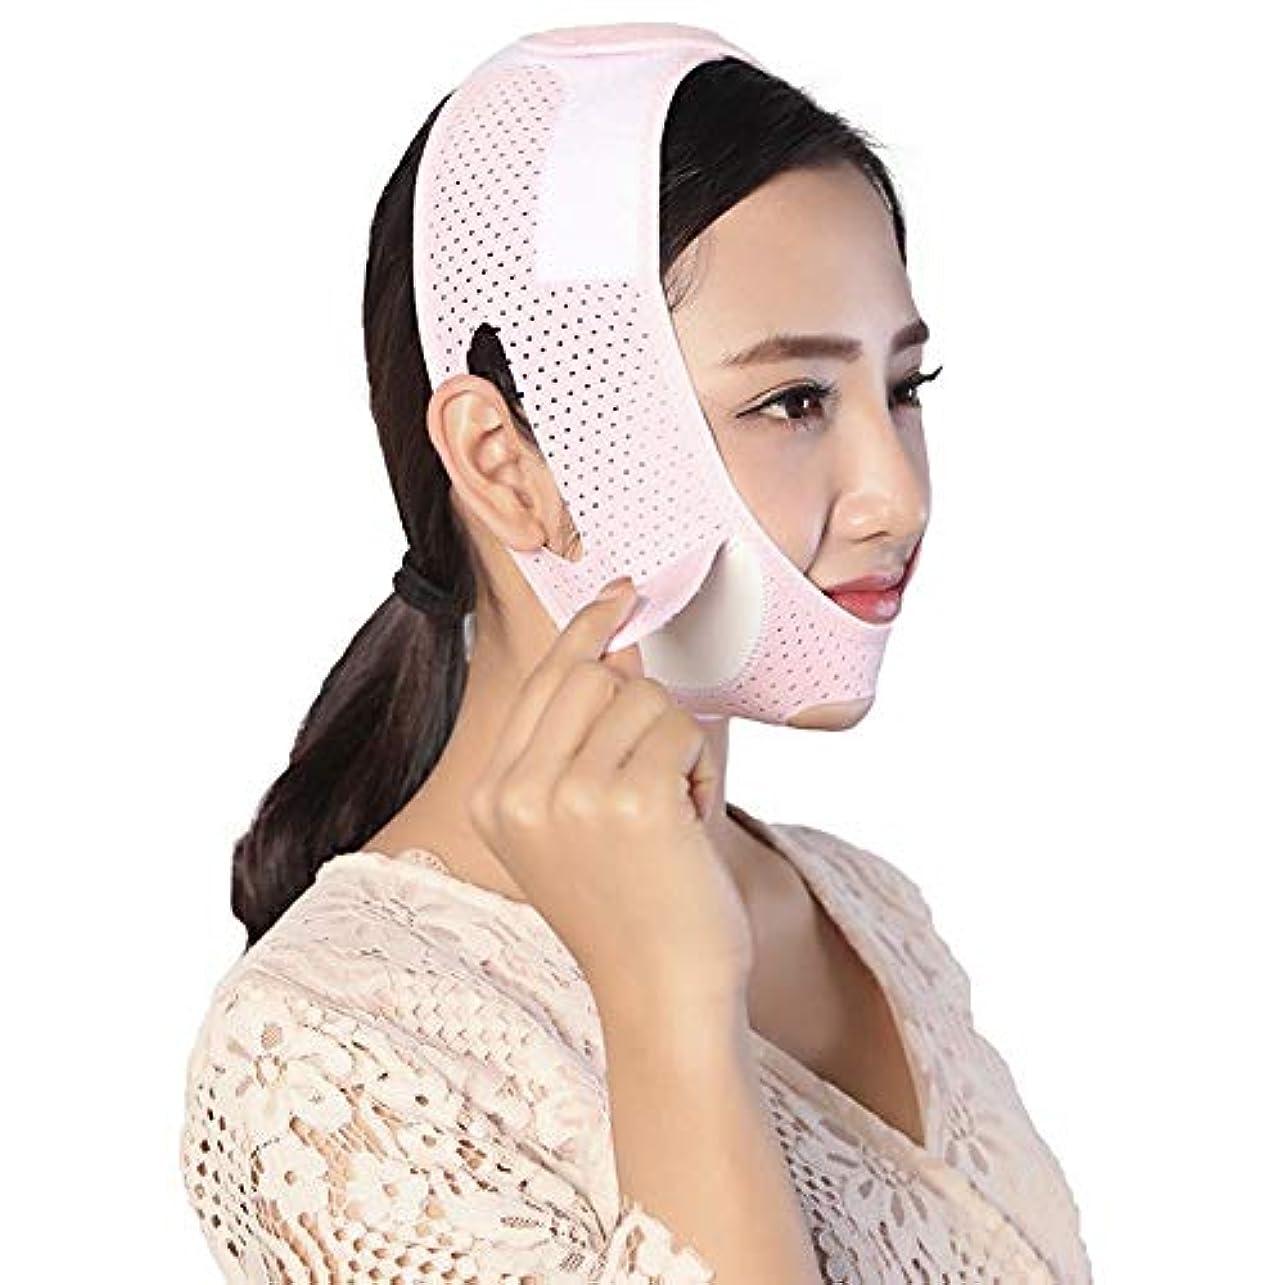 地元発音するスケジュールGYZ フェイシャルリフティング痩身ベルト - 圧縮二重あご減量ベルトスキンケア薄い顔包帯 Thin Face Belt